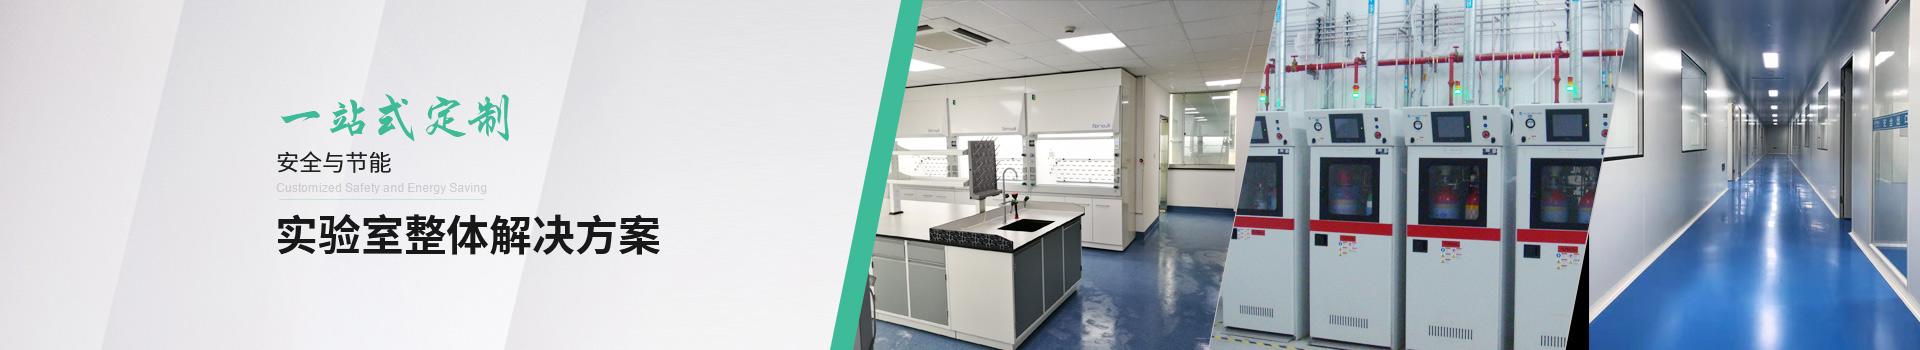 瑞斯达一站式定制实验室整体方案